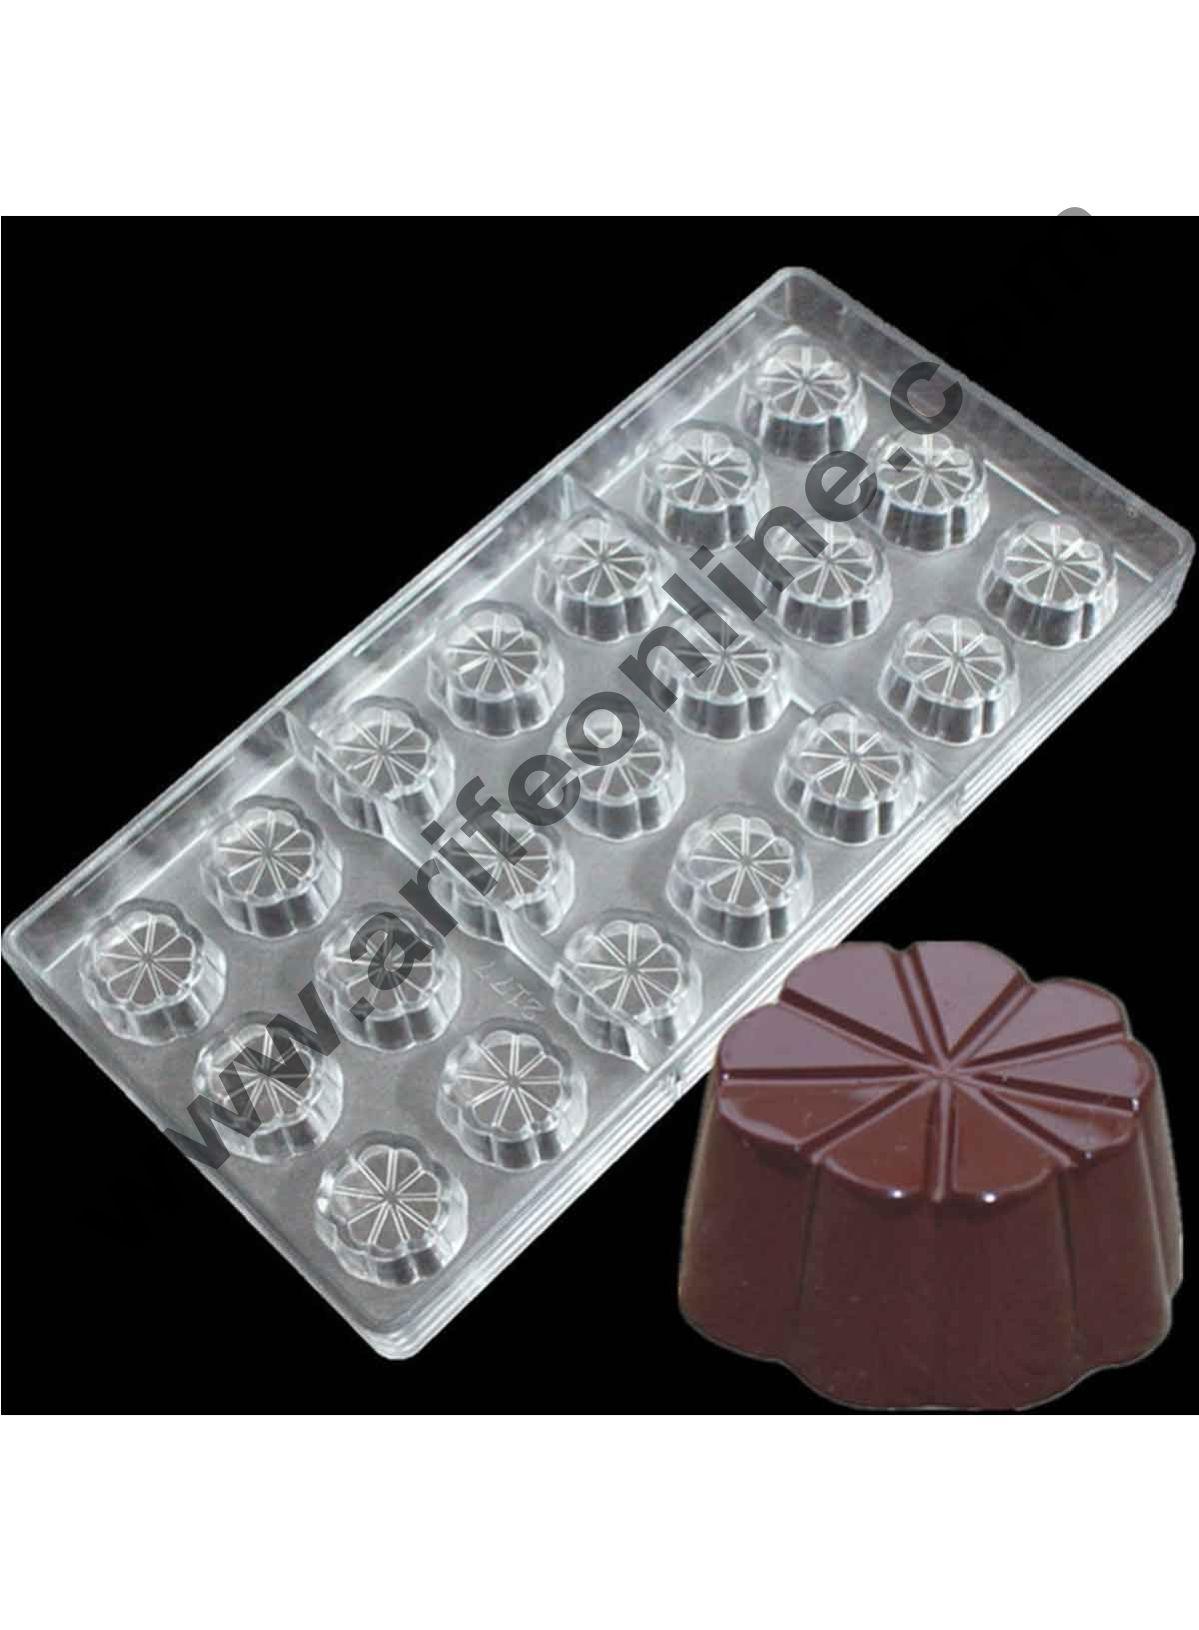 PAINT BRUSH CHOCOLATE LOLLIPOP MOULD 3 CAVITY